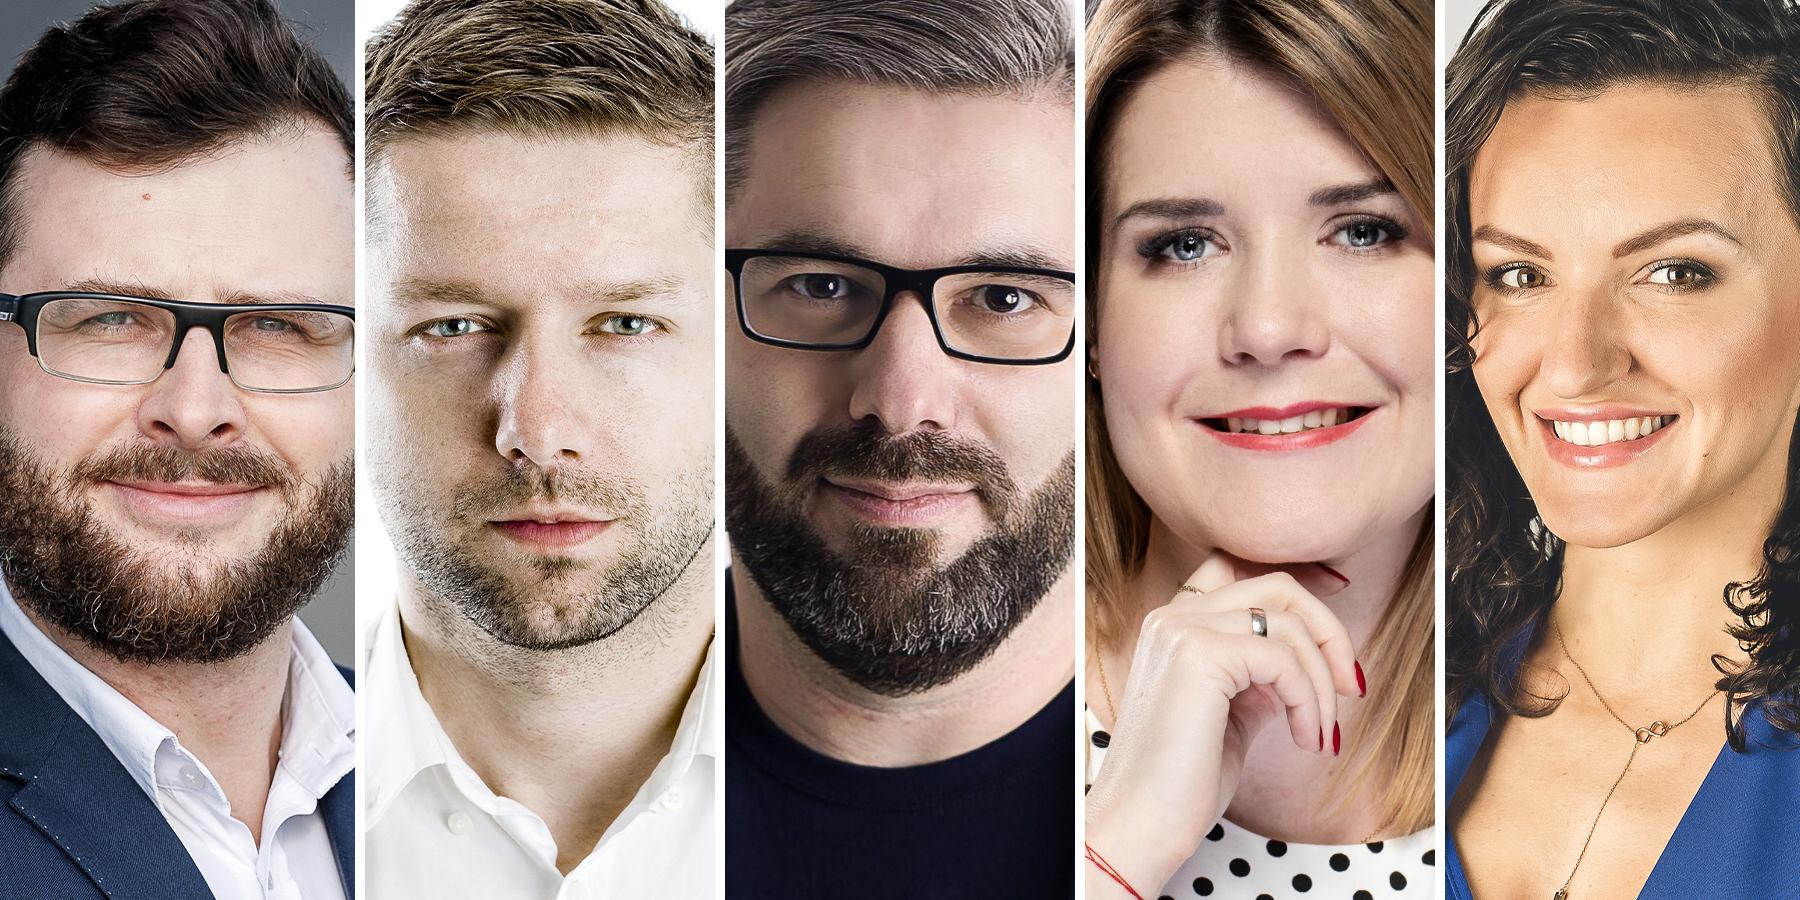 Jak zaczęli budować markę osobistą: Janina Bąk, Monika Mikowska, Marcelina Lipska, Michał Sadowski, Eryk Wdowiak iPaweł Tkaczyk?